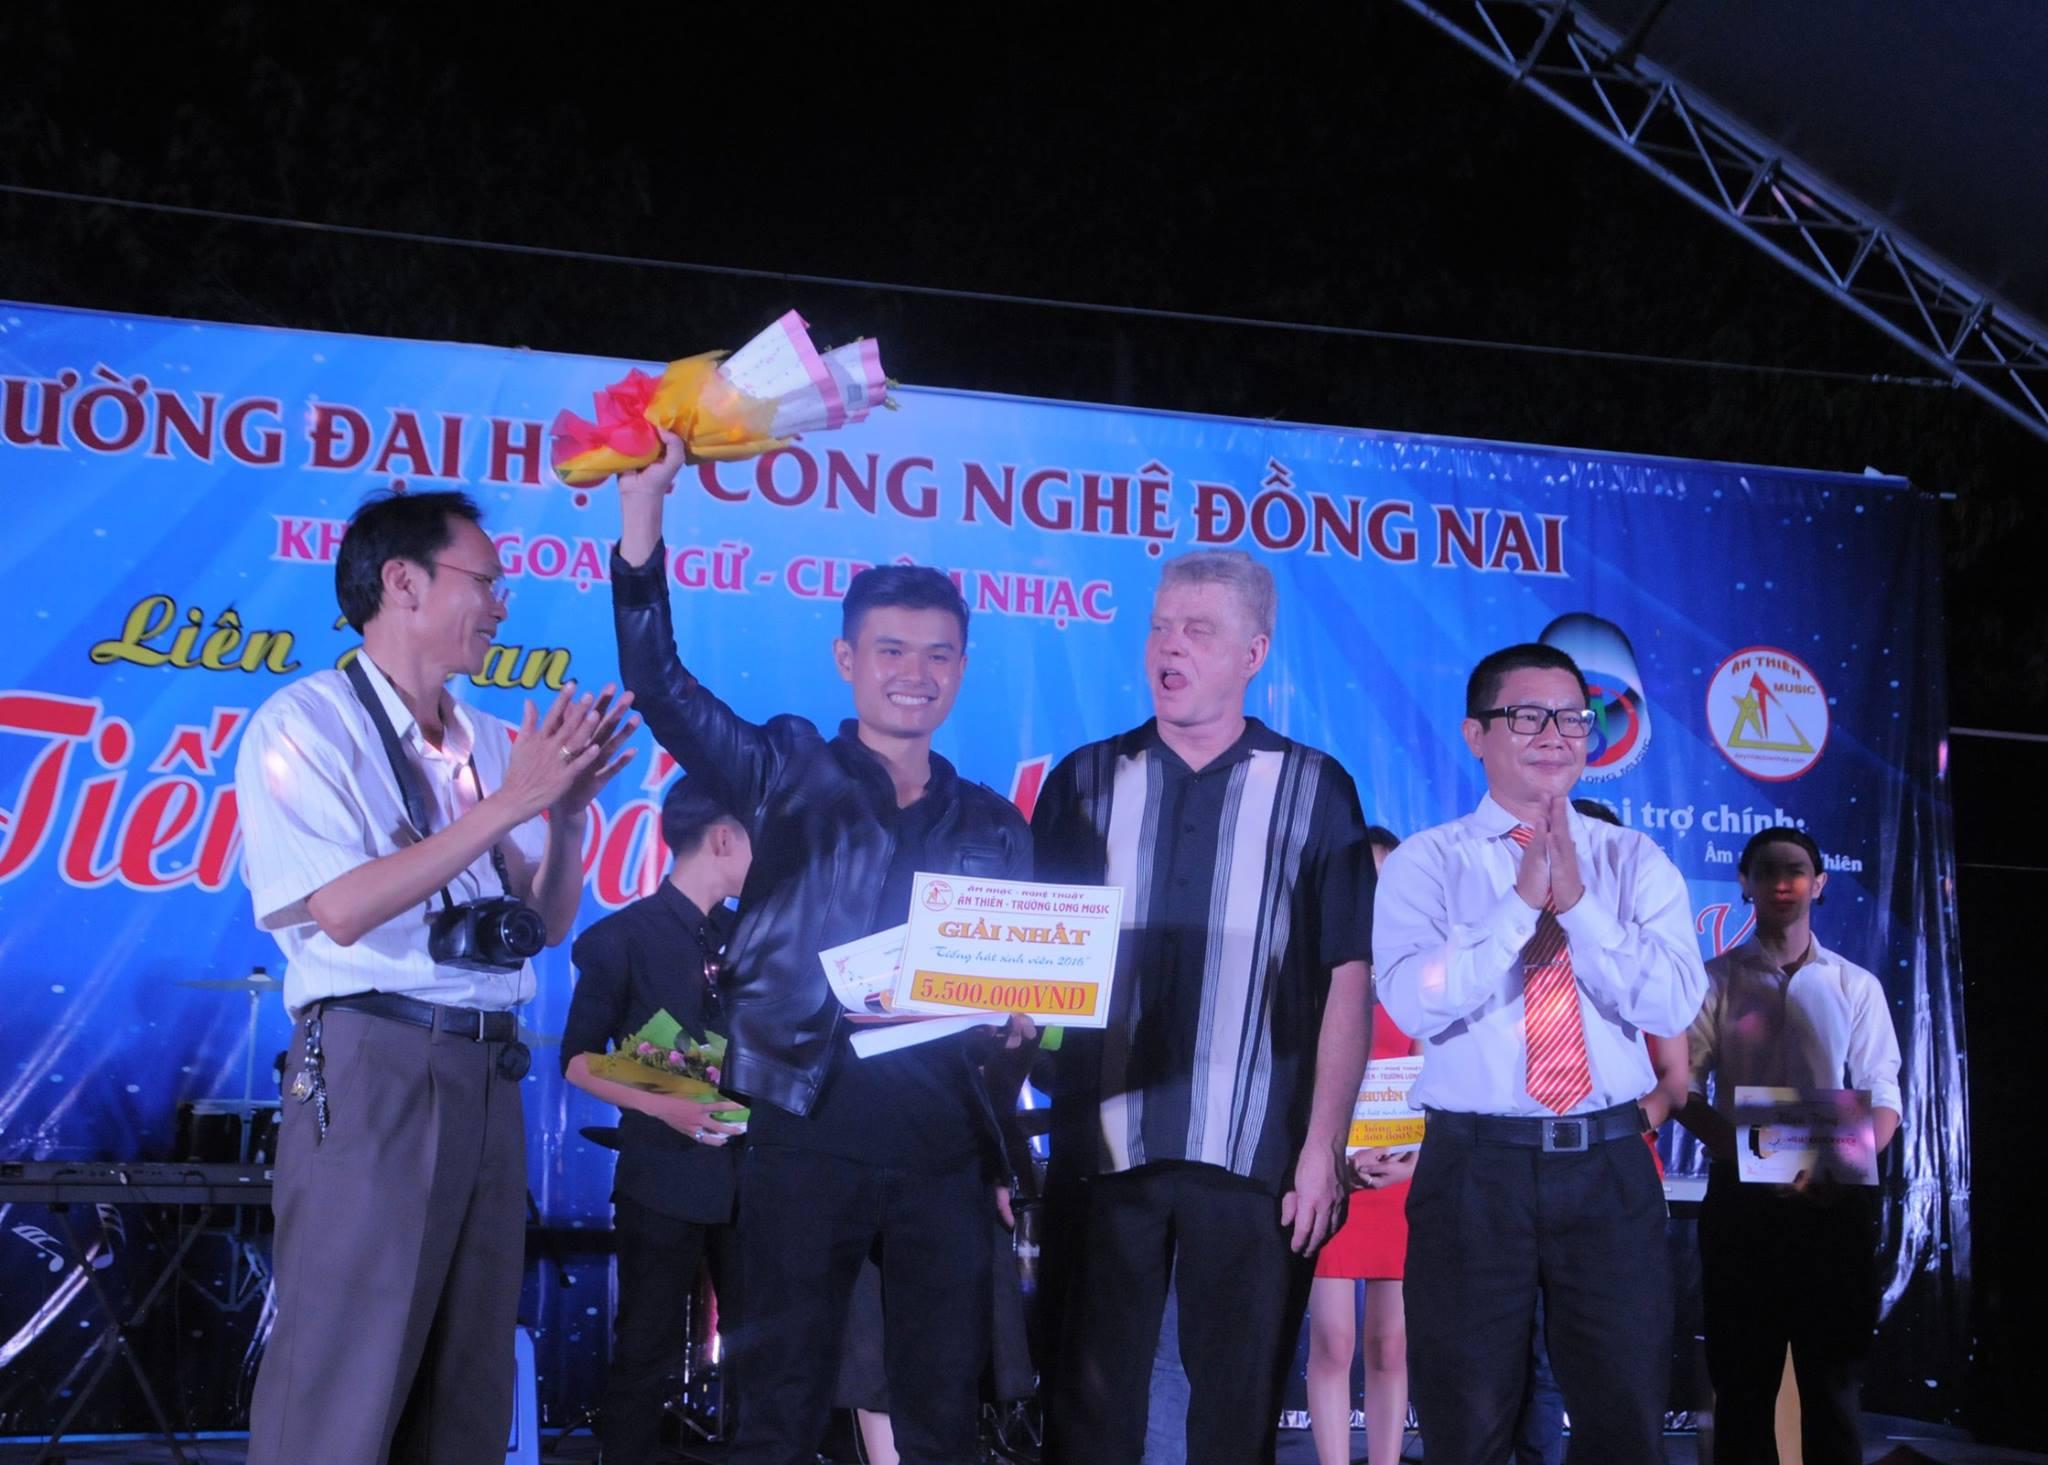 Đêm trao giải tại Đại Học Công Nghệ